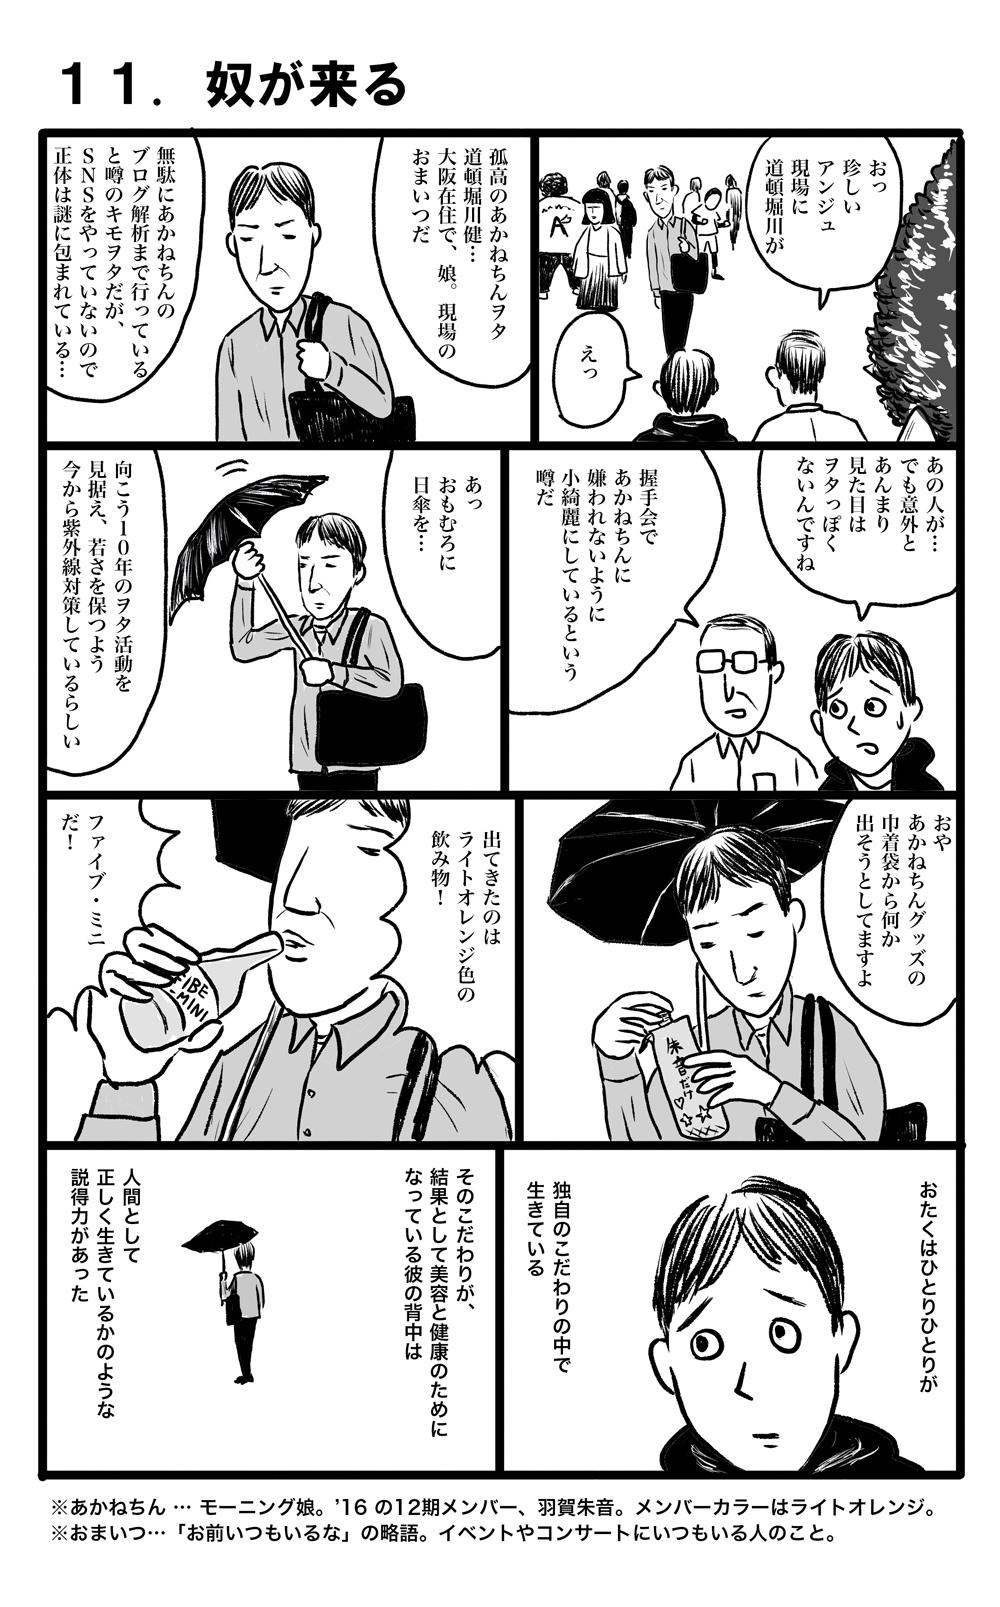 tsurugi-mikito-011